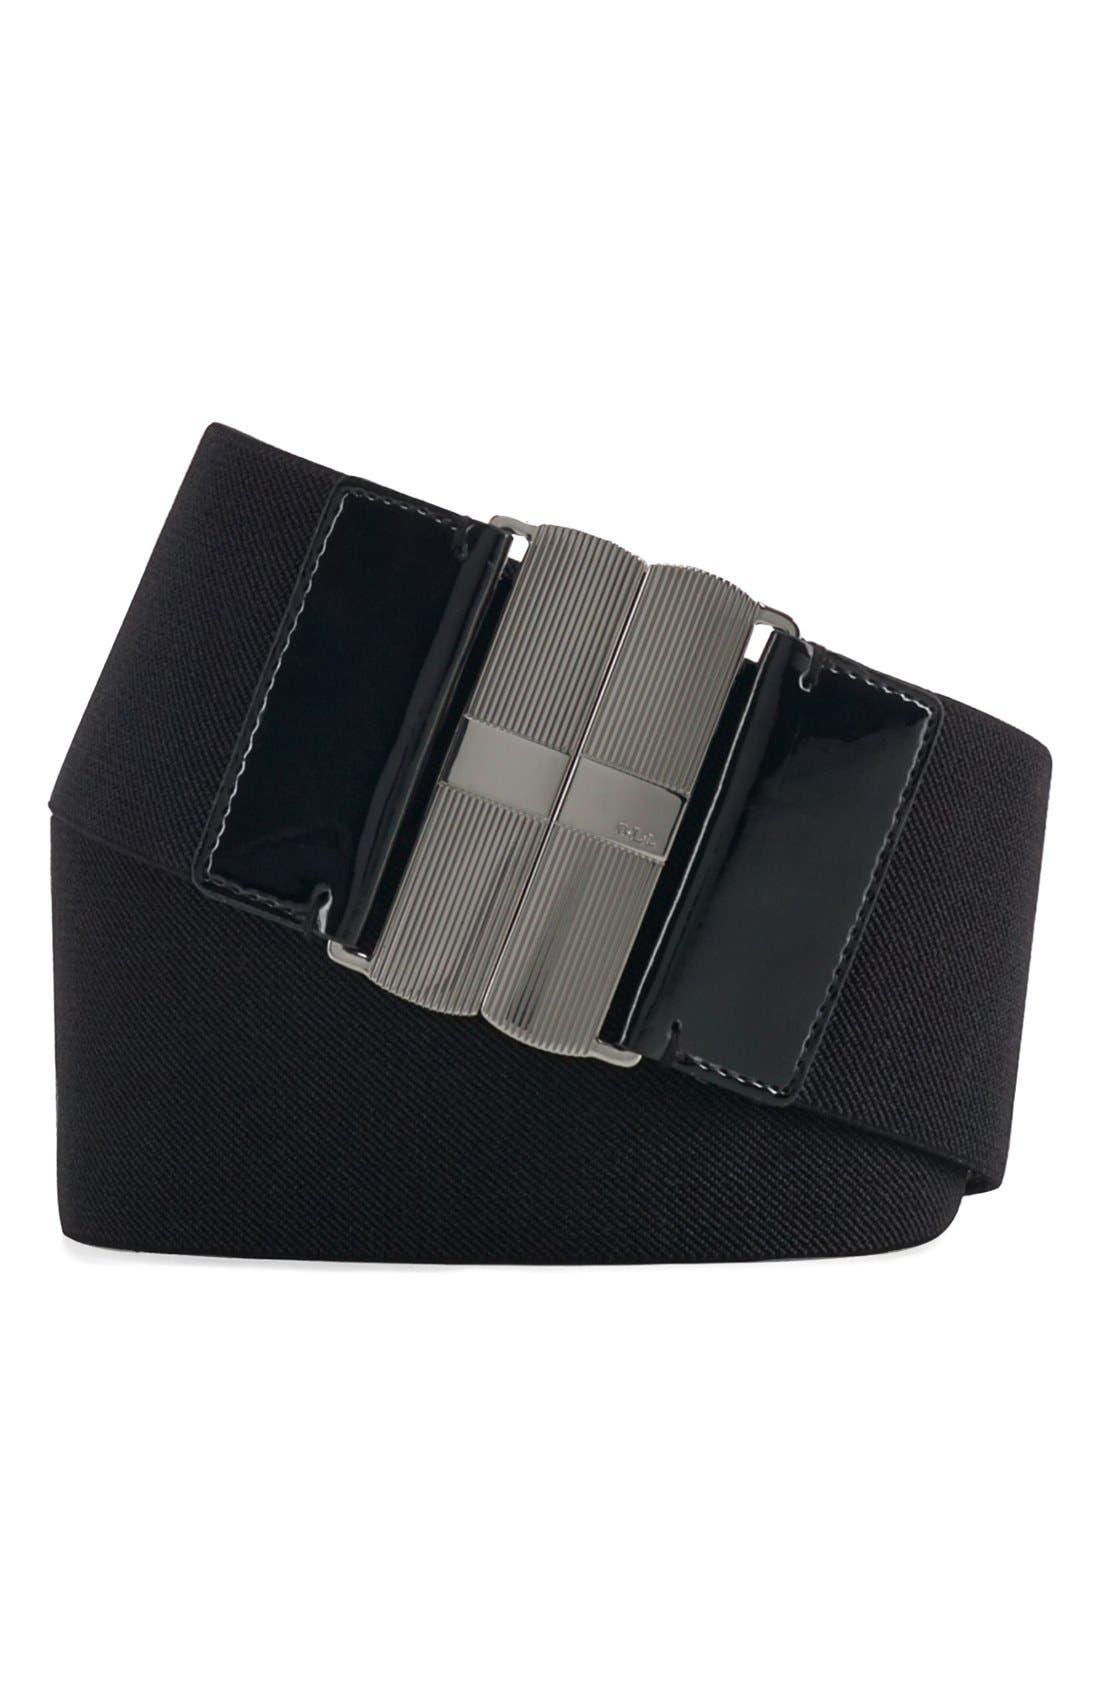 Alternate Image 1 Selected - Lauren Ralph Lauren Wide Elastic Belt